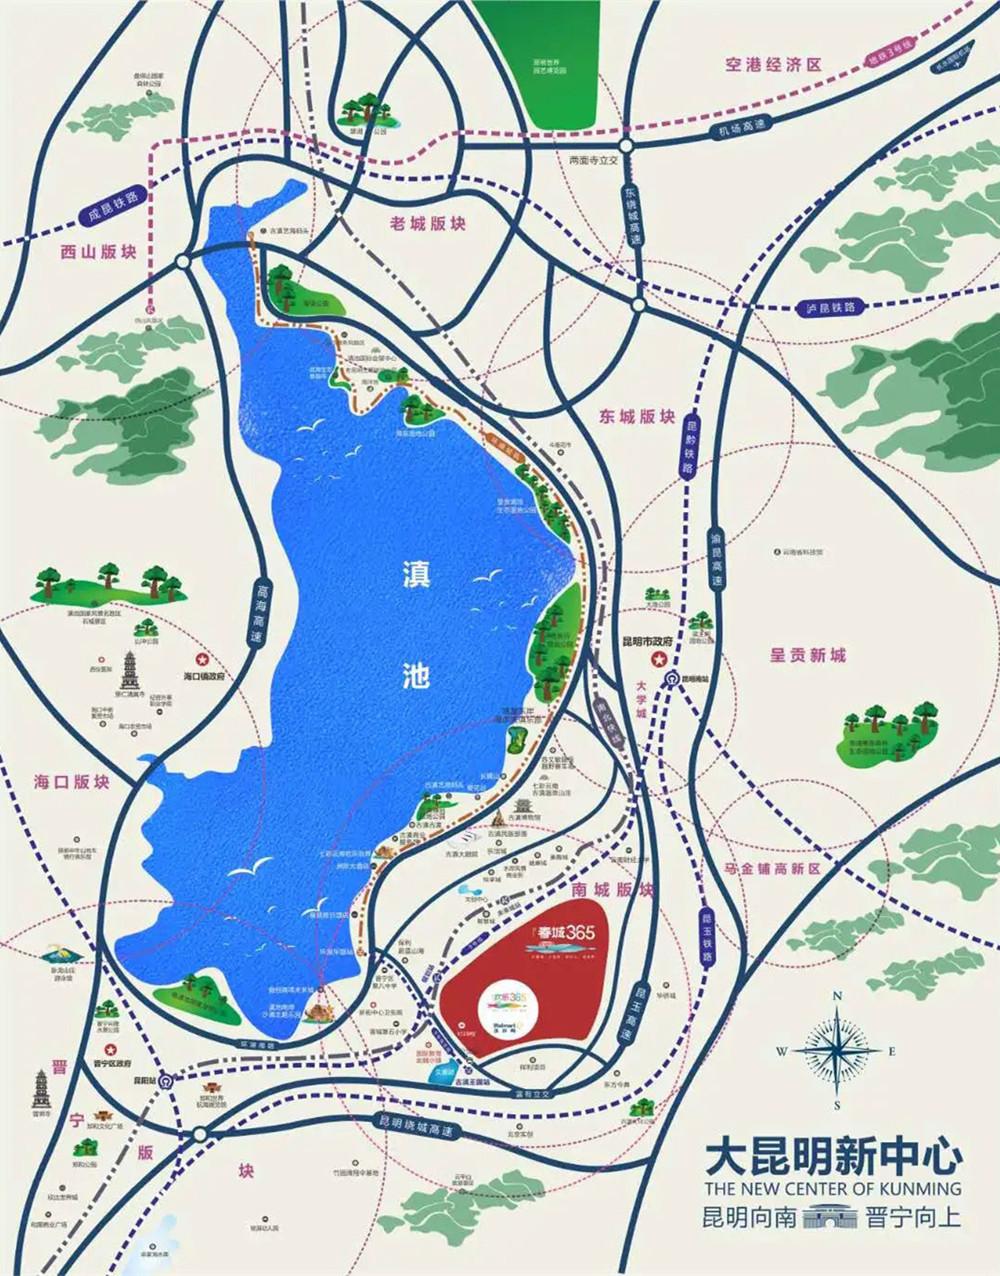 http://yuefangwangimg.oss-cn-hangzhou.aliyuncs.com/uploads/20201201/24d853ba14f017d0ee3a24a76edaea40Max.jpg